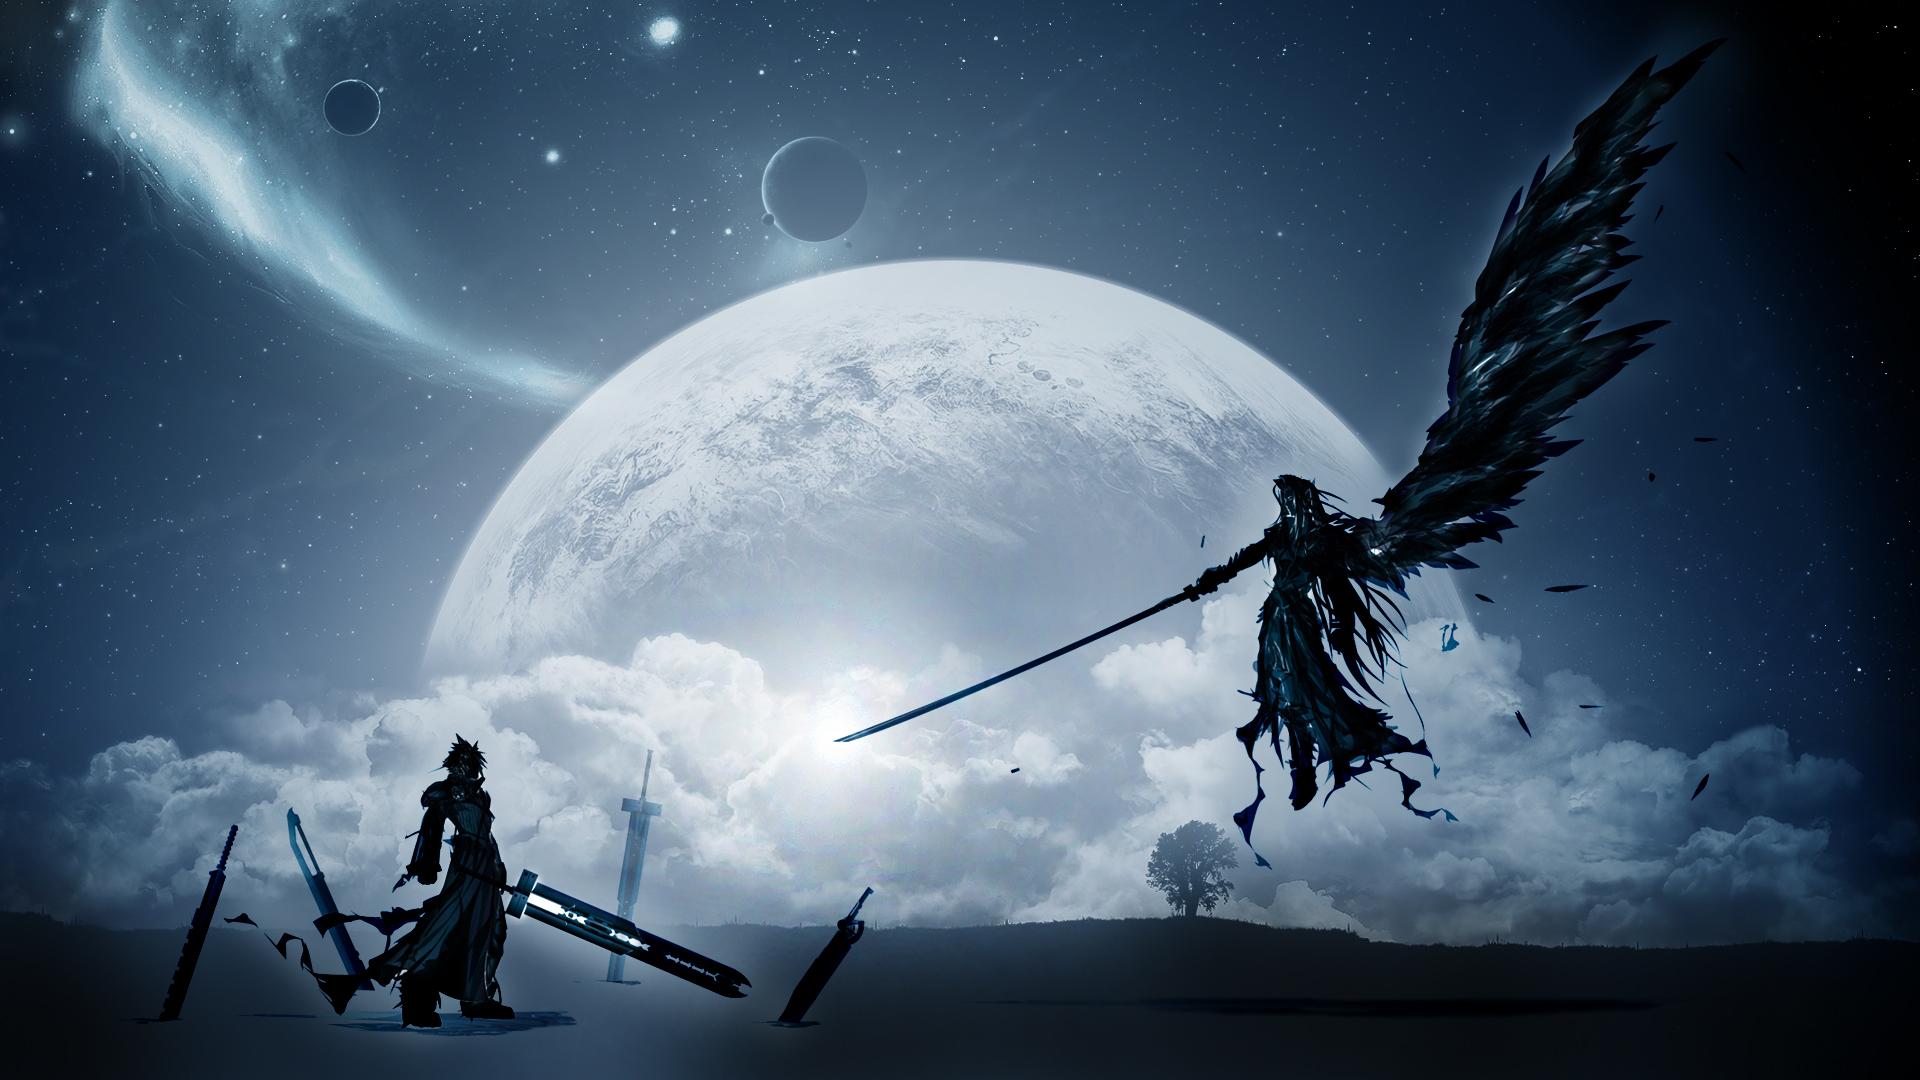 Final Fantasy Wallpaper High Resolution Final Fantasy